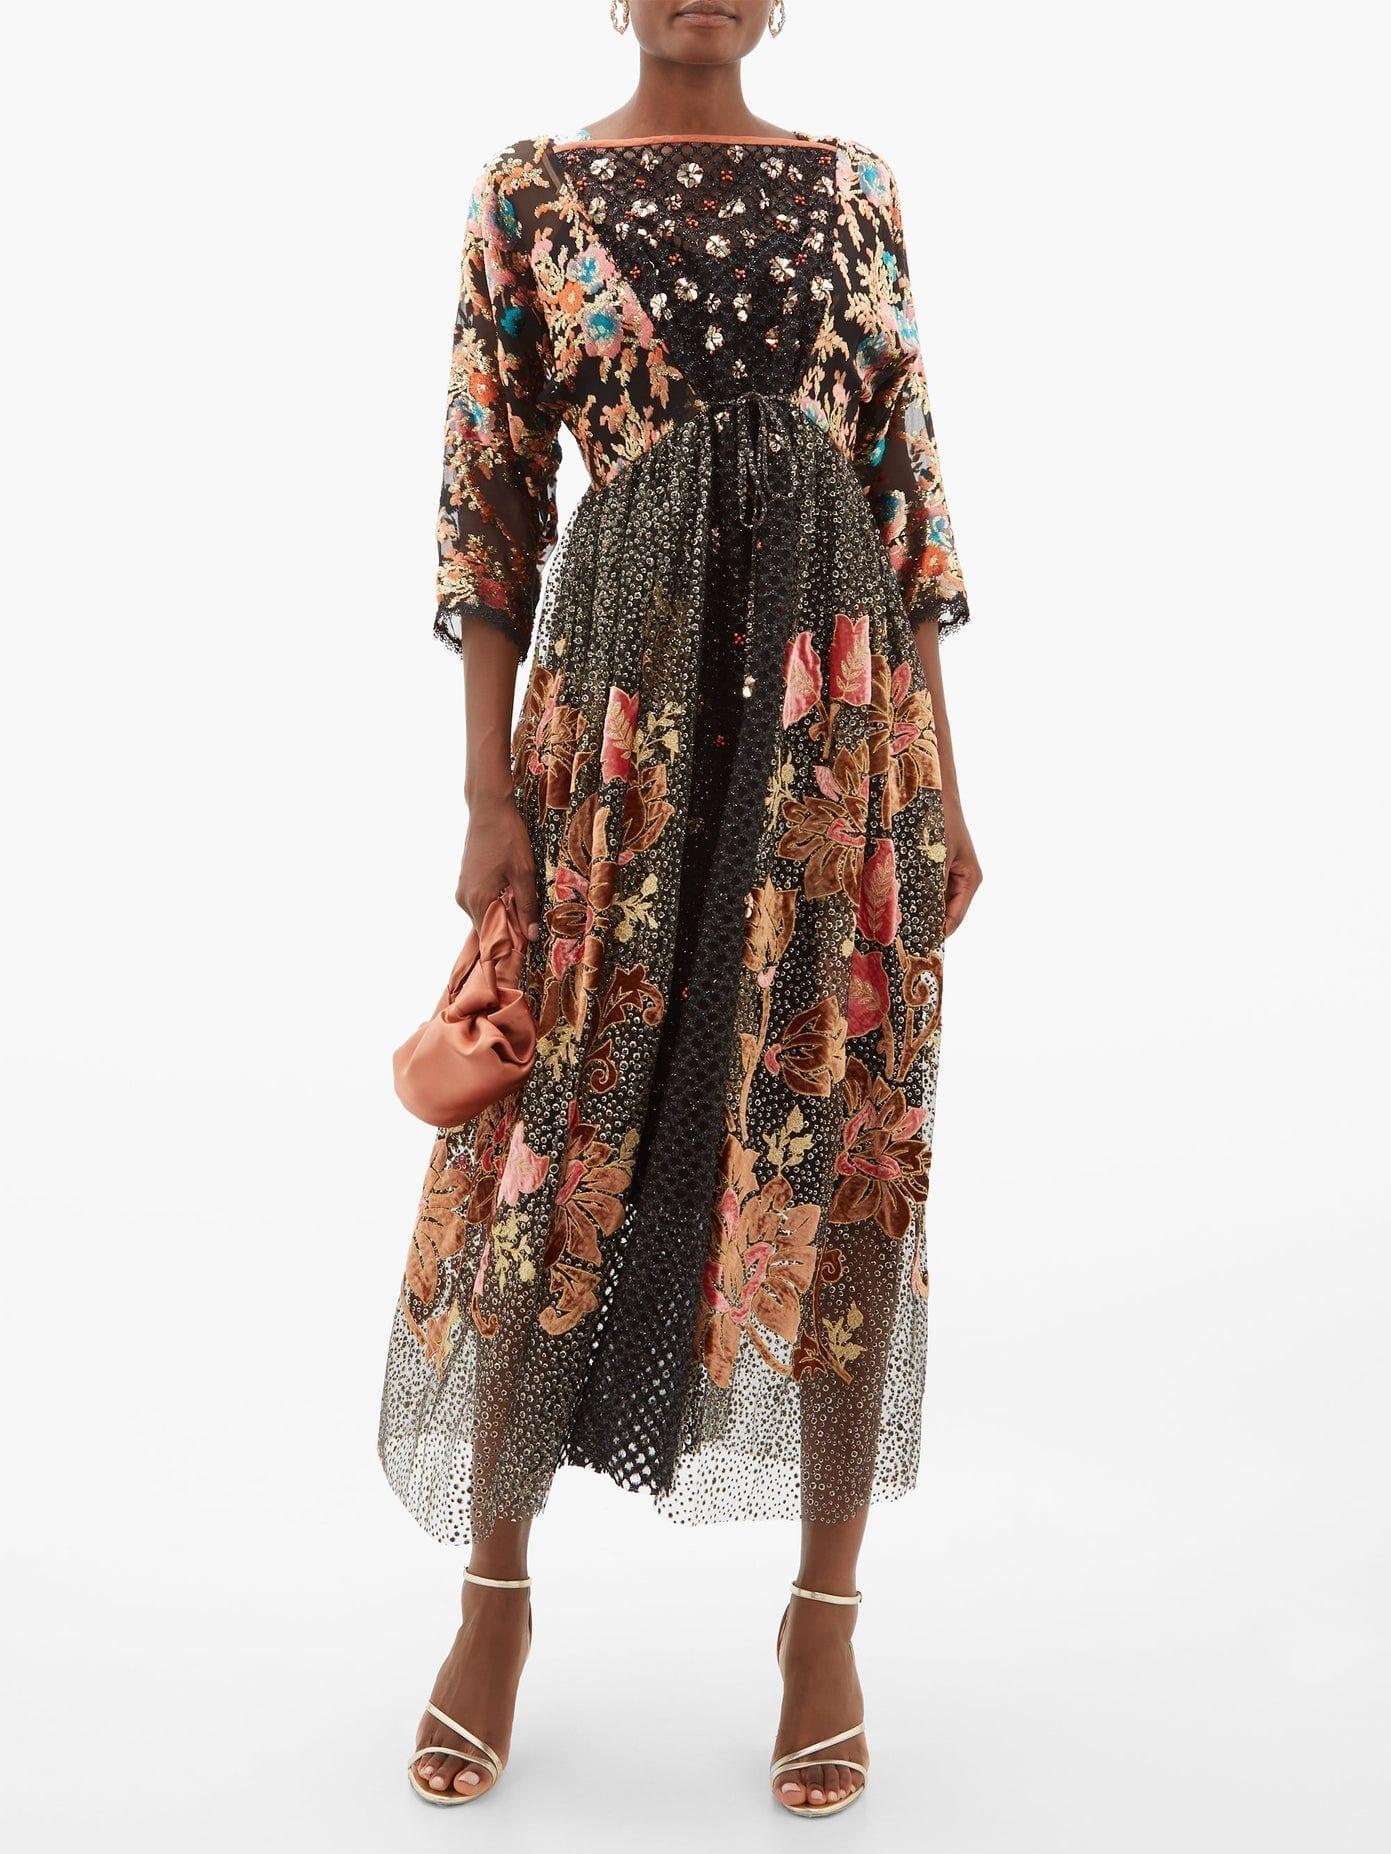 BIYAN Inggrid Embroidered Patchwork-devoré Dress